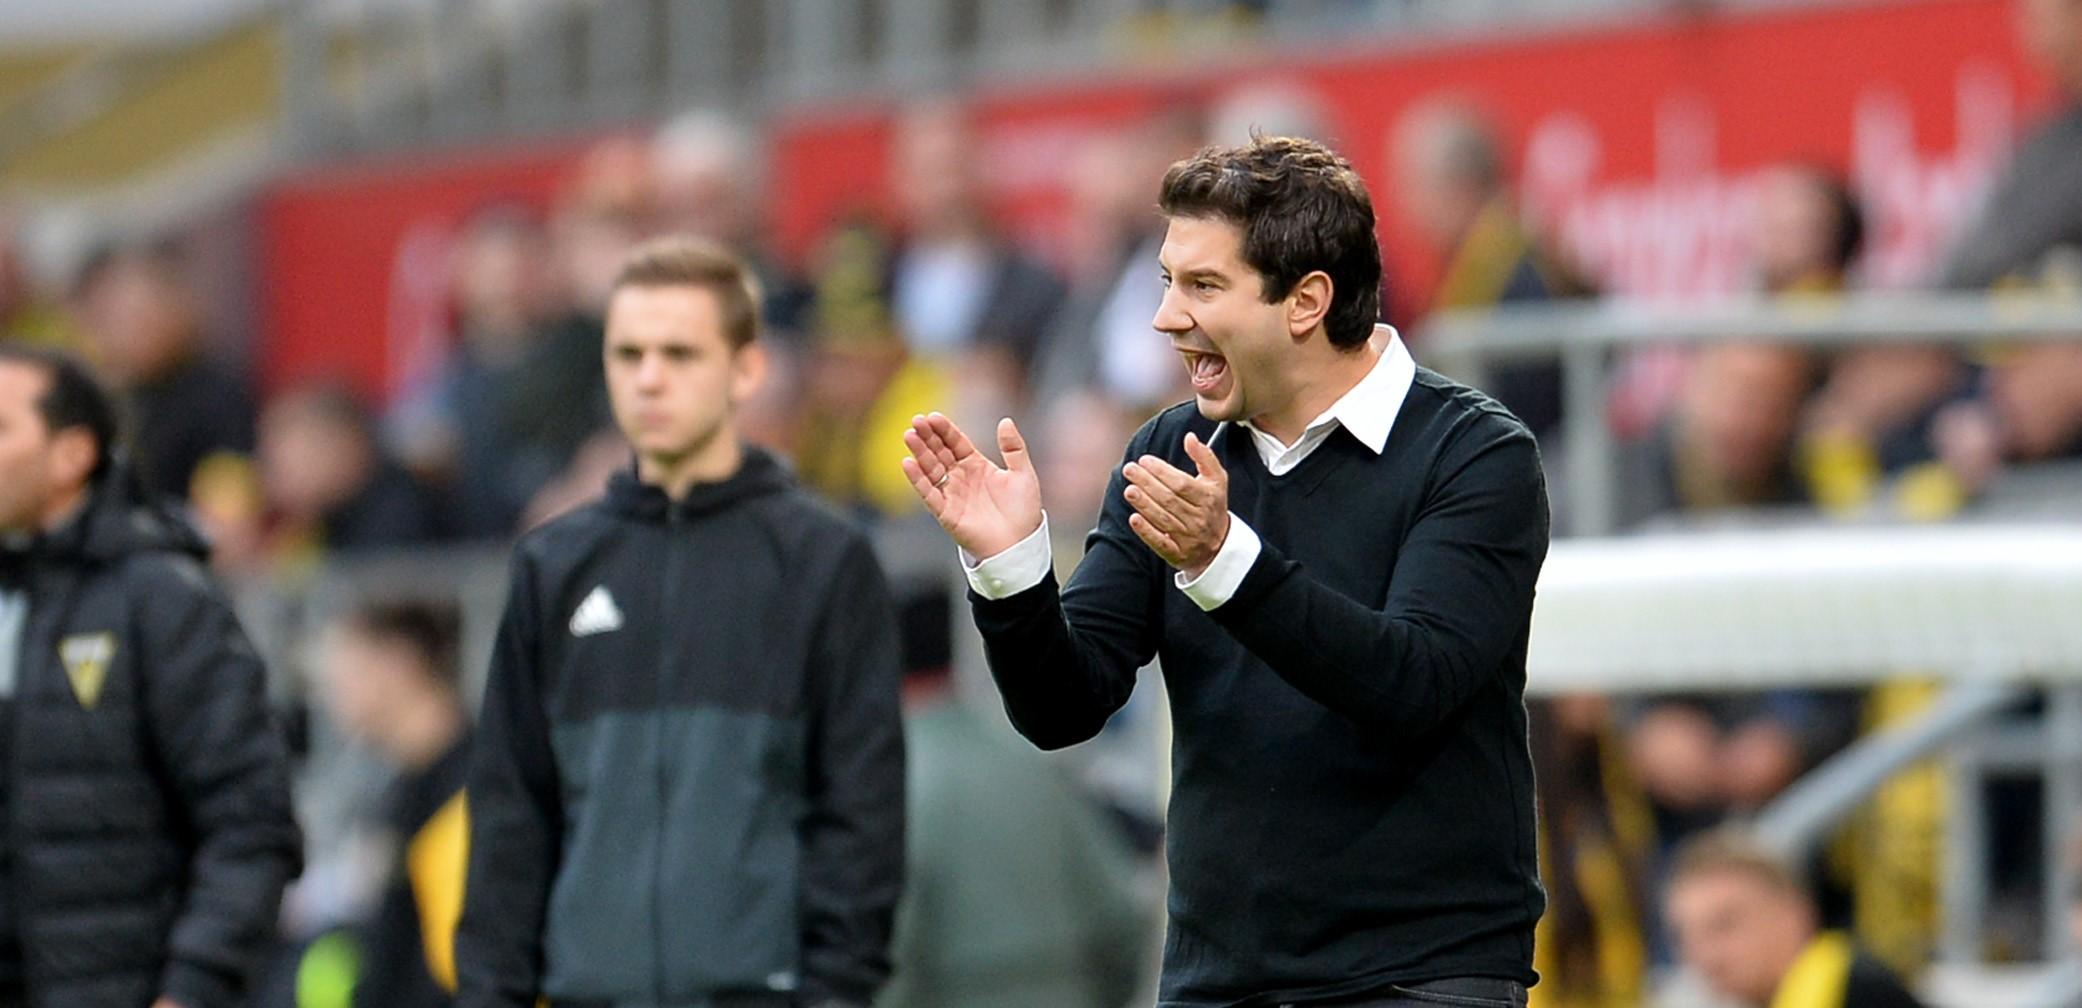 Am Sonntag konnte RWE einen 2:1 Auswärtssieg bei Alemannia Aachen einfahren. (Foto: Tillmann)